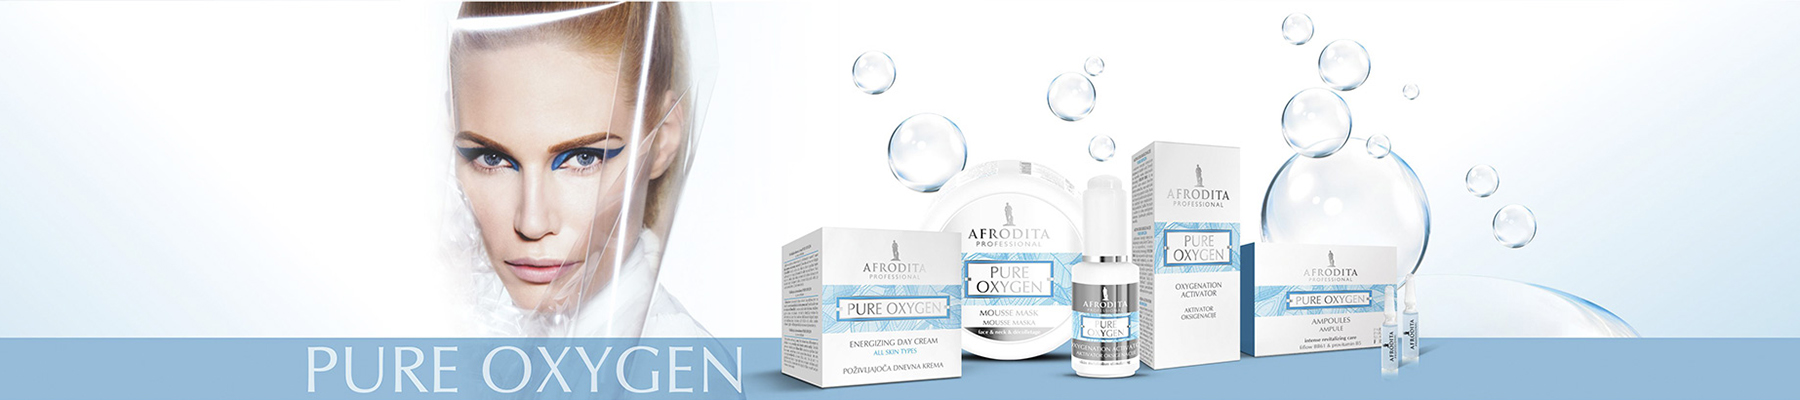 afrodita-pure-oxygen